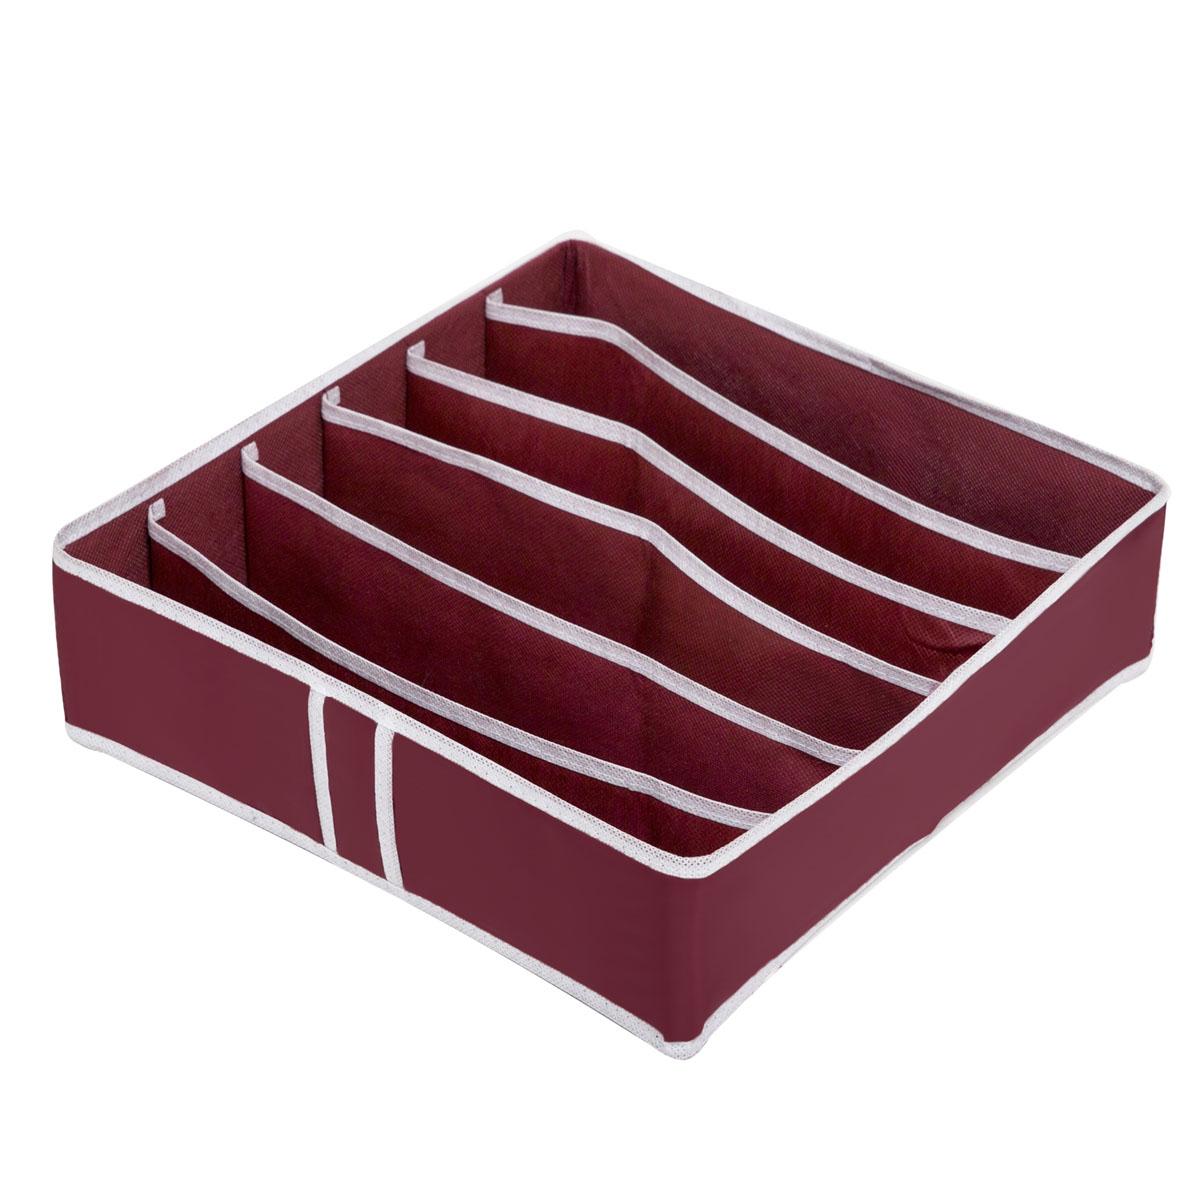 Органайзер для хранения Homsu Red Rose, 6 секций, 35 x 35 x 10 см органайзер для хранения нижнего белья homsu bora bora 6 секций 35 x 35 x 10 см